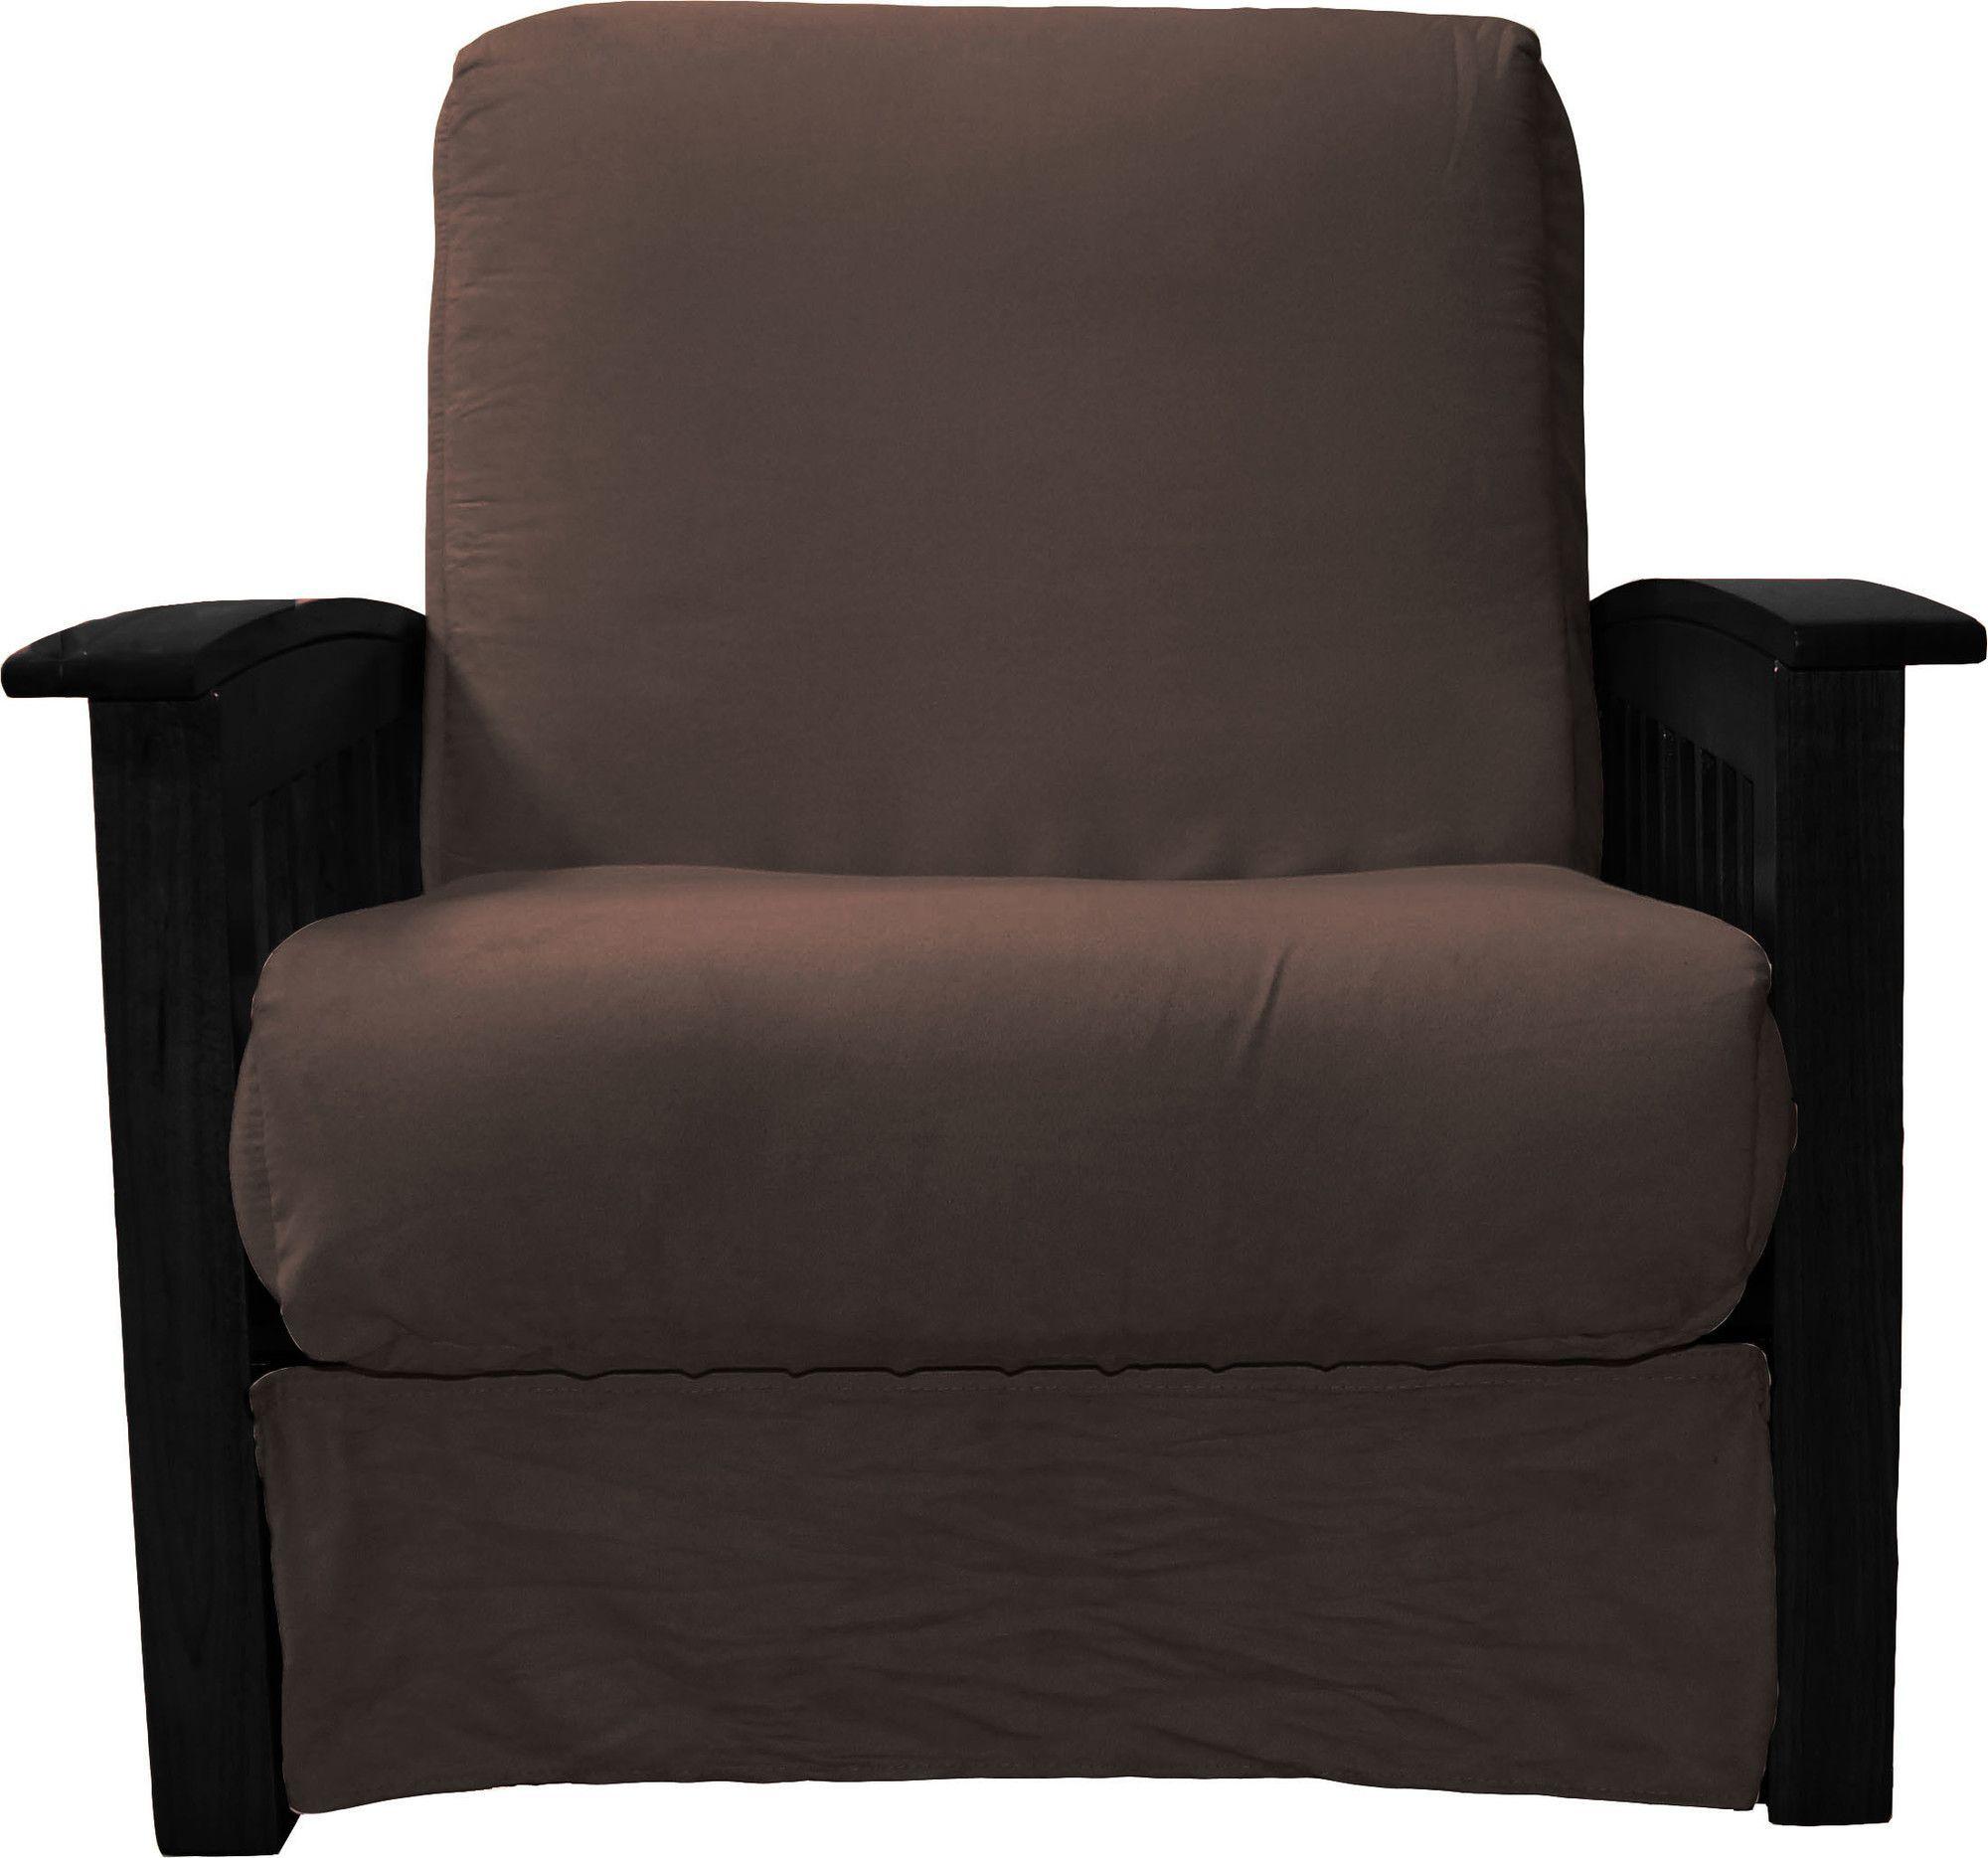 Nantucket Perfect Sit N Sleep Inner Spring Pillow Top Chair Sleeper Bed